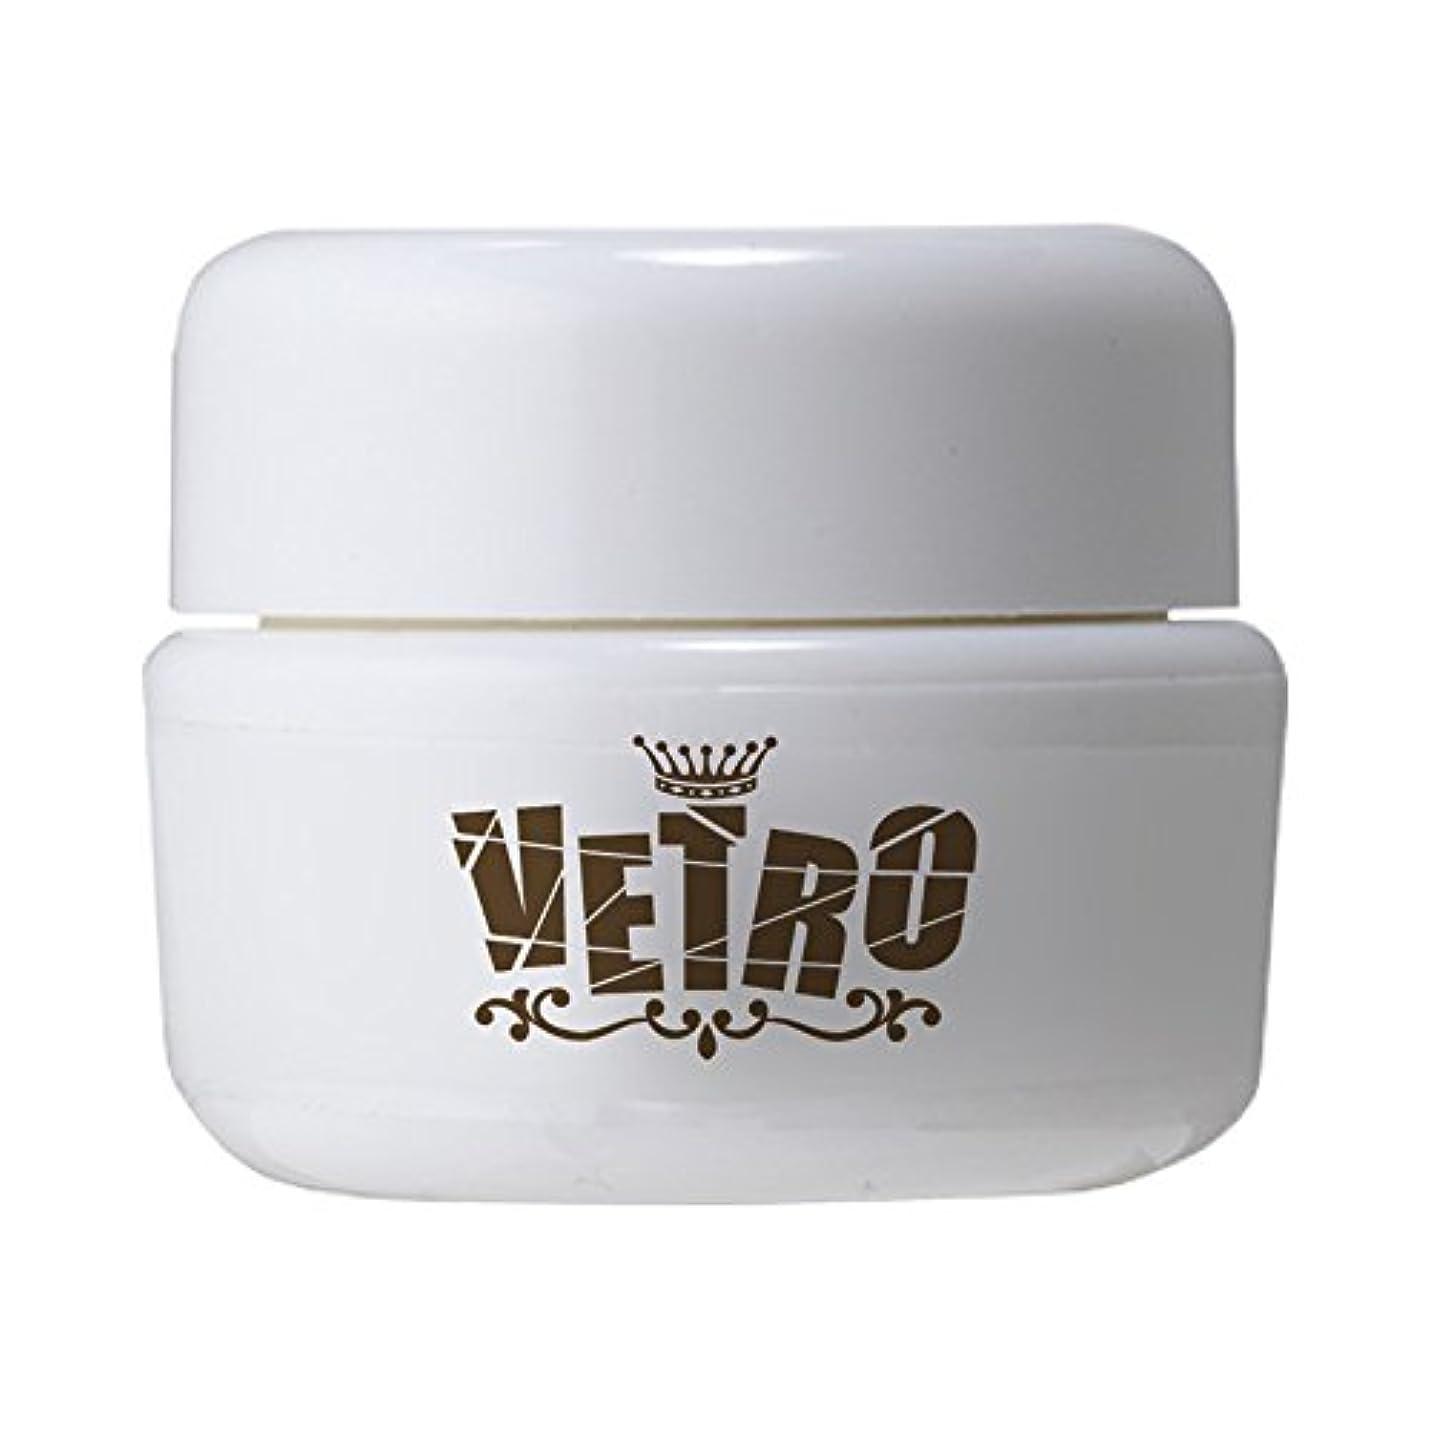 扇動する空白生物学VETRO カラージェル VLT905グラデホワイト 4ml テクスチャー:ソフト マット?シアー UV/LED対応